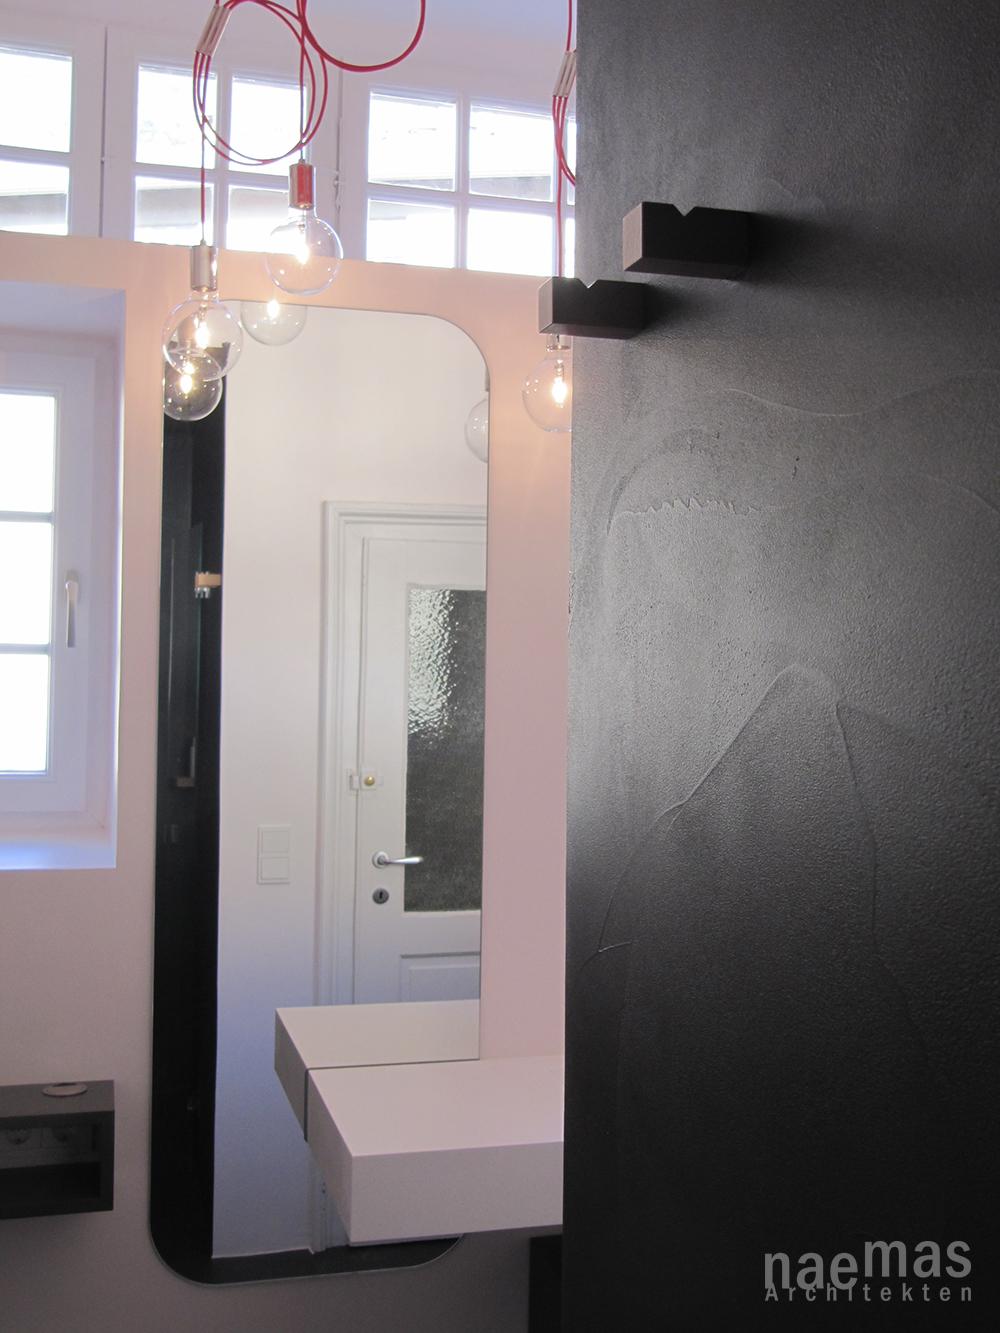 naemas Architekten - BAD SUG - Bozen - Spiegel